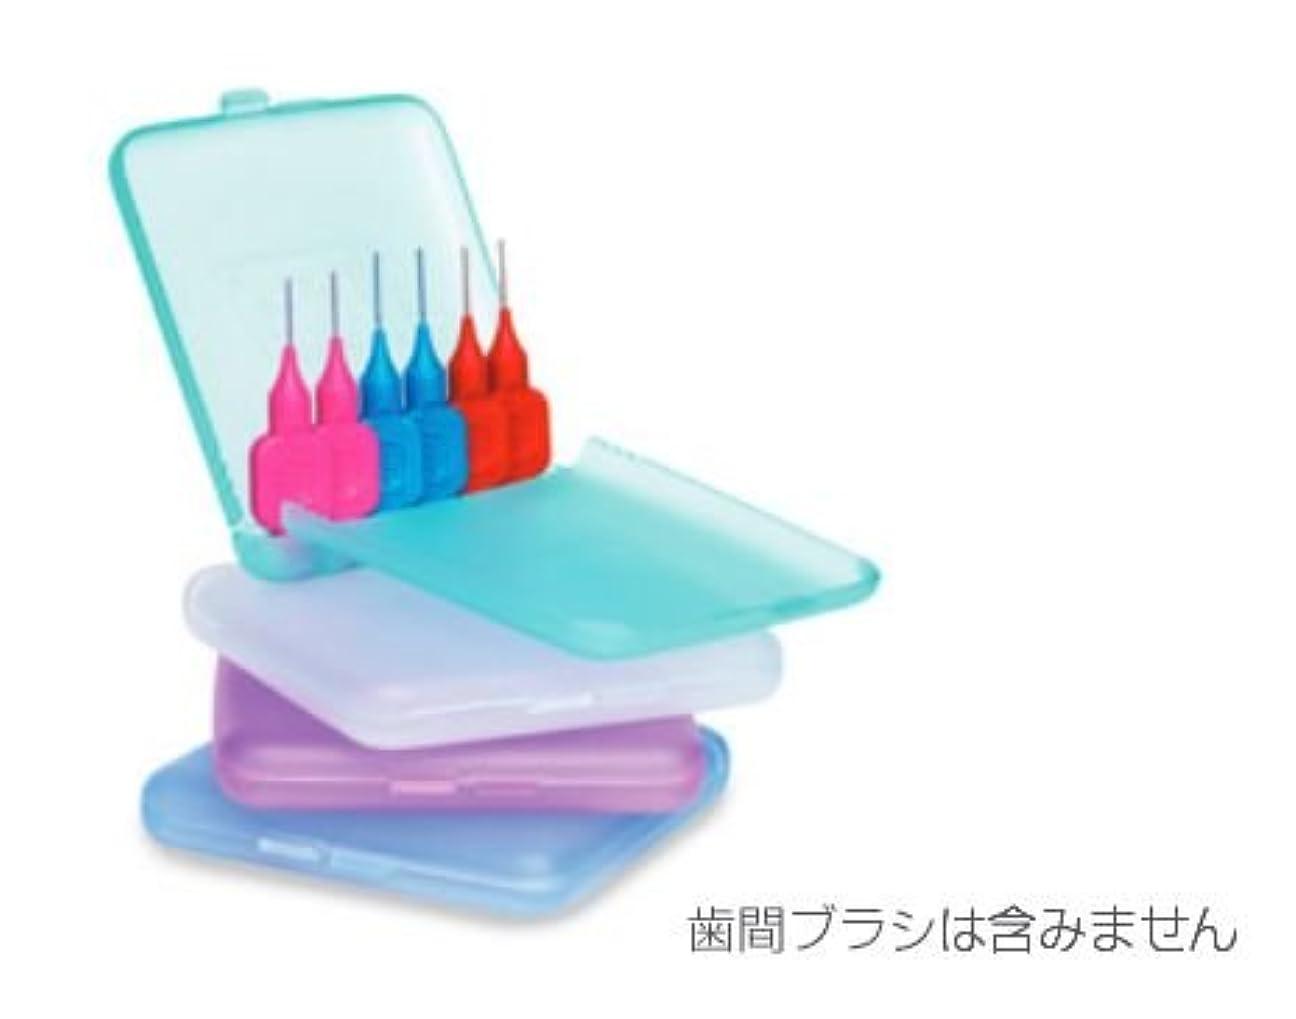 栄光のカウントアップ複製するクロスフィールド TePe テペ 歯間ブラシ専用ケース